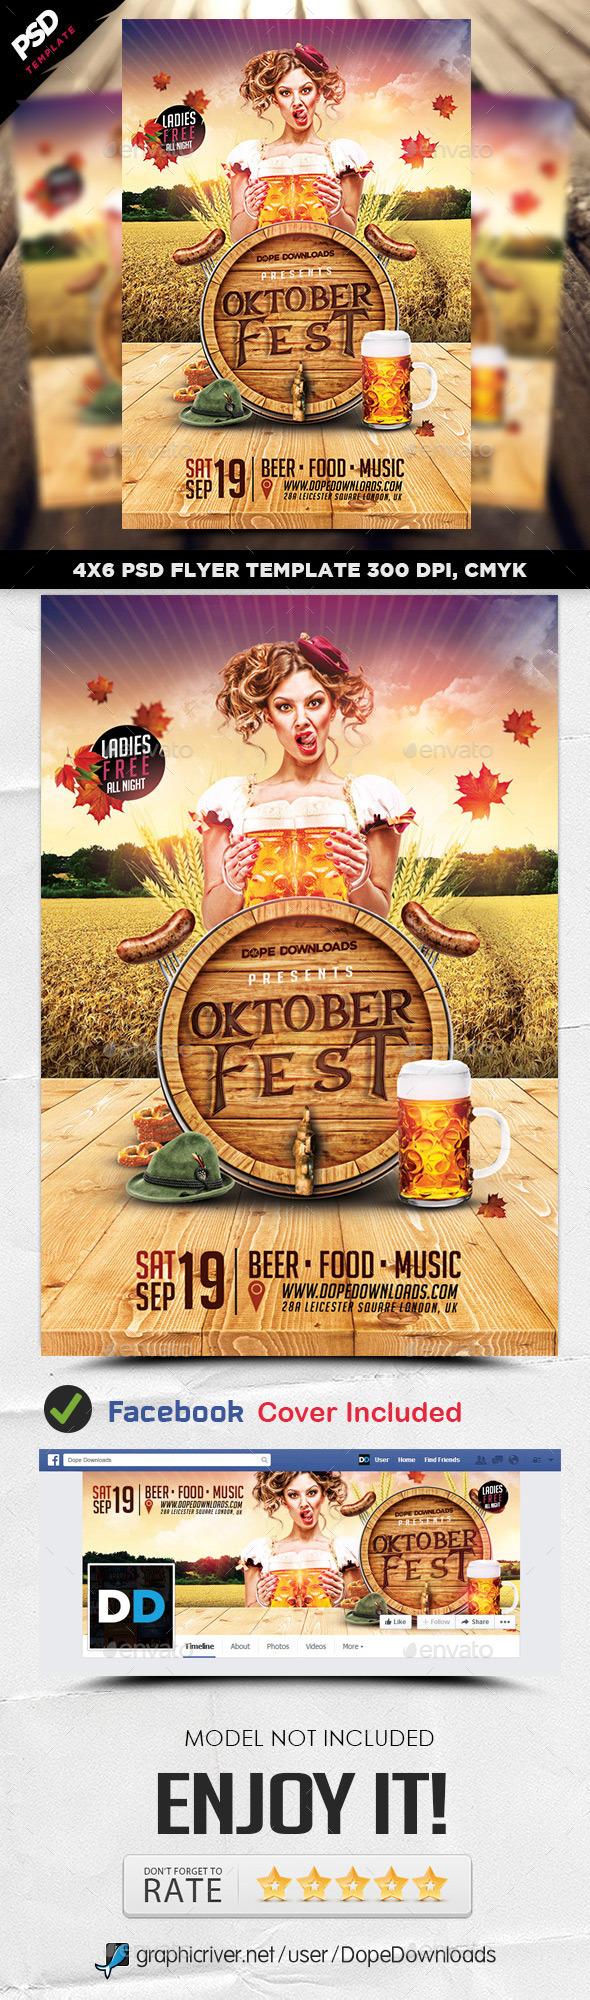 Oktoberfest Weekend 2015 Flyer Template - Clubs & Parties Events